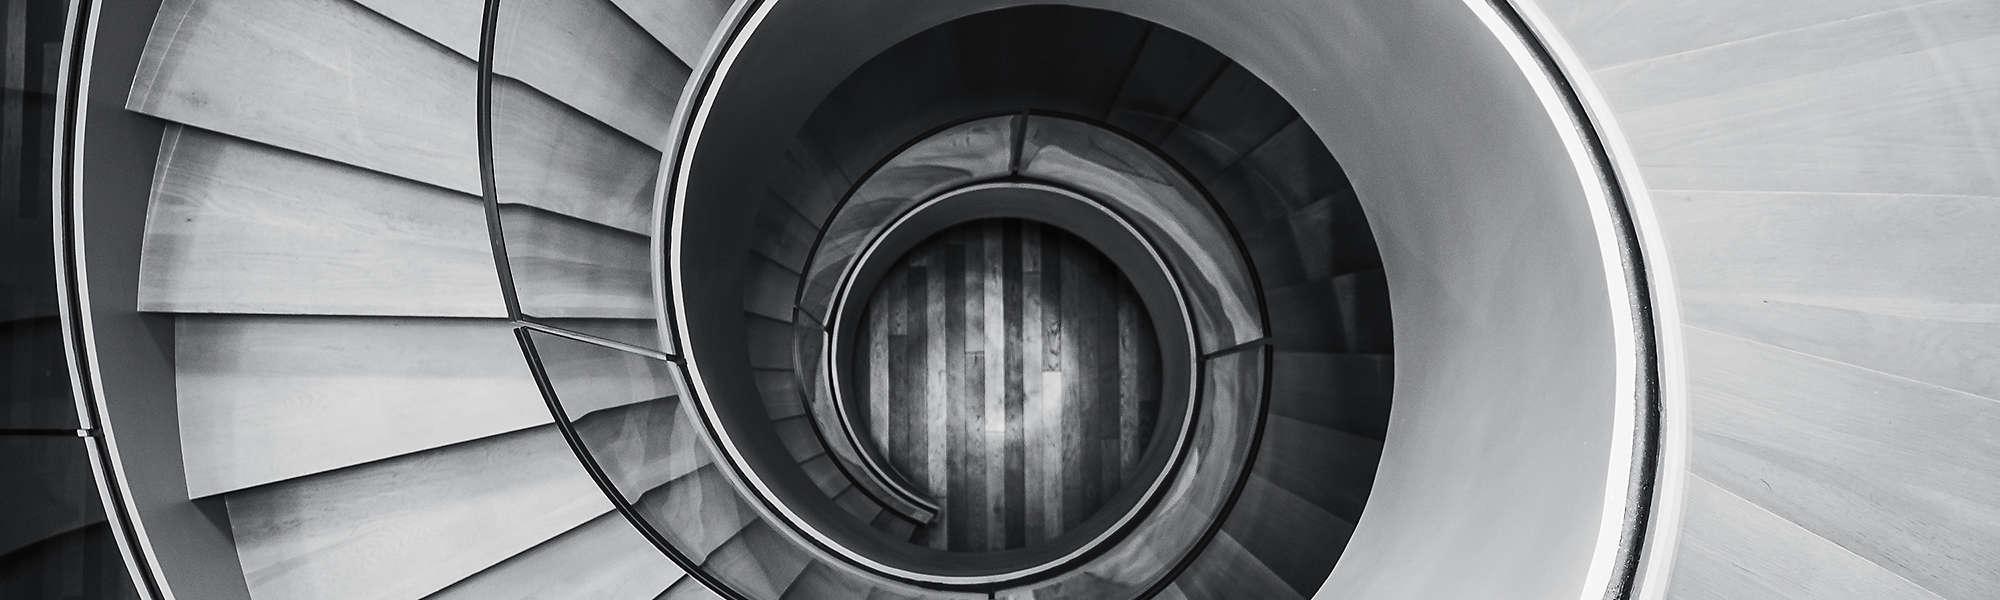 monochrome spiral staircase banner